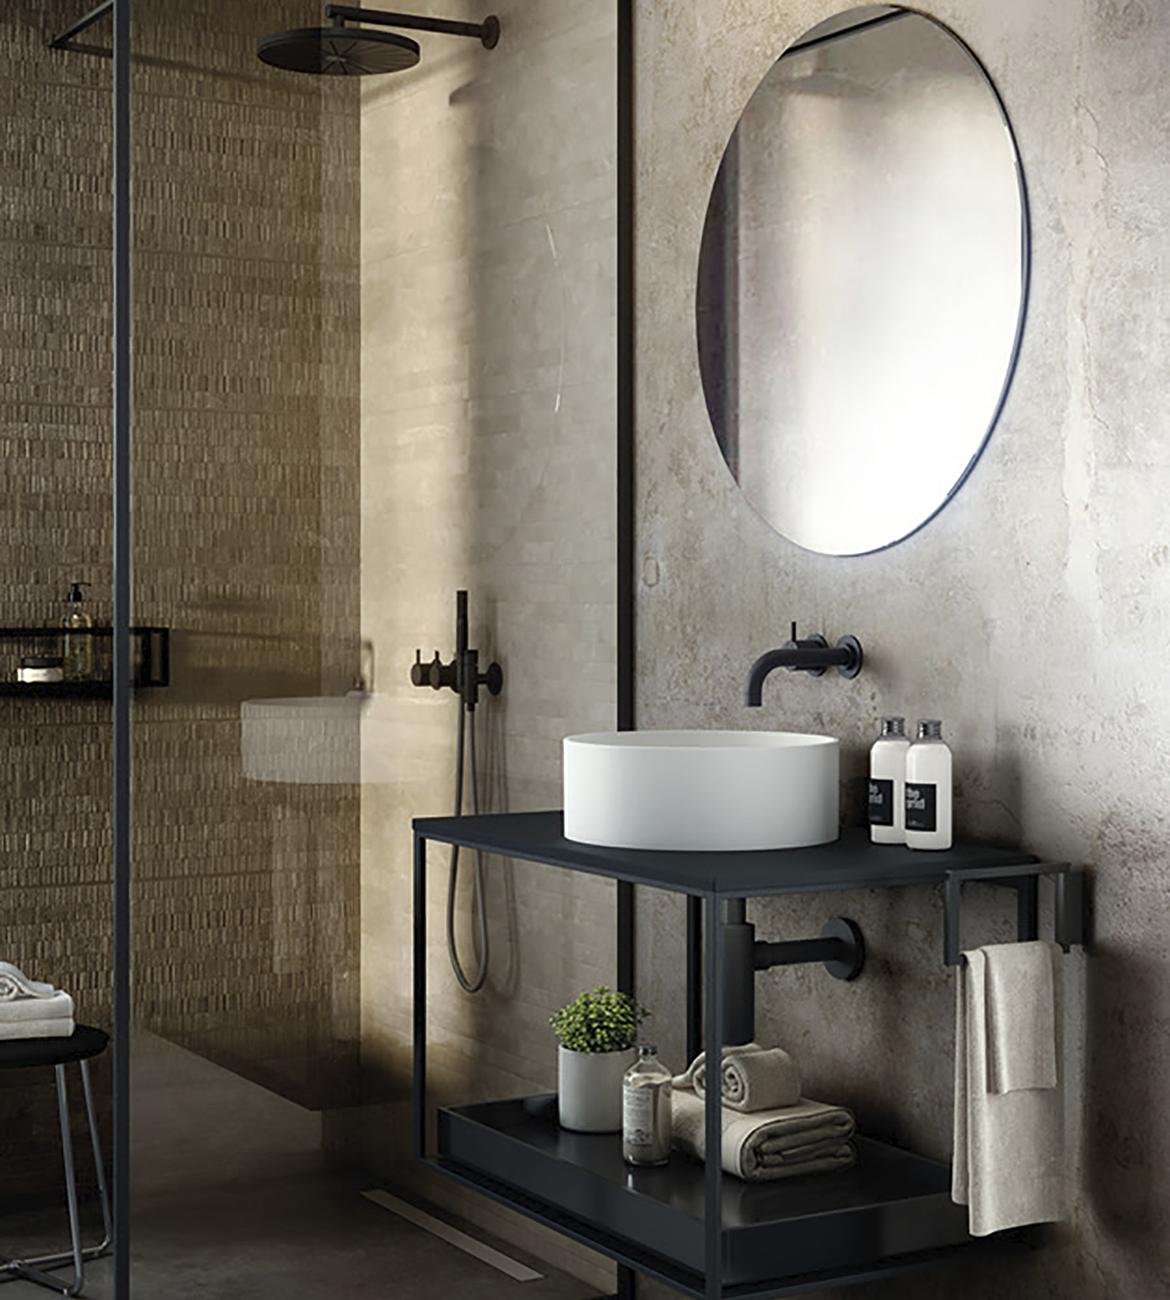 Al encuentro con la innovación en baños. Colección Grid Evo.